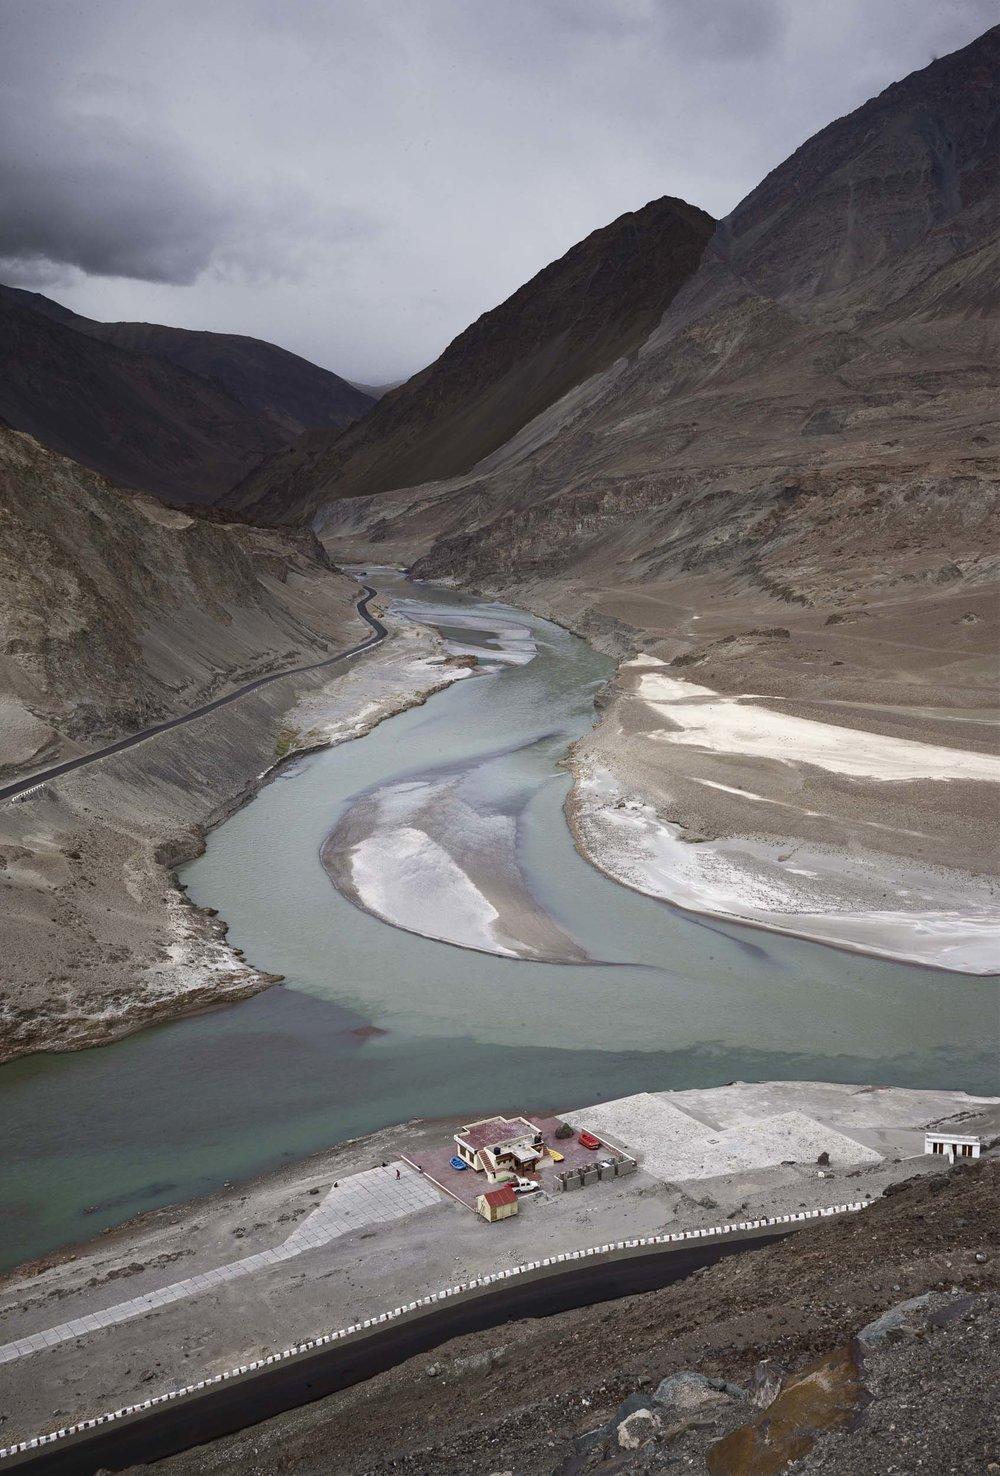 20140911_Ladakh_0273_RvK-Ed-20140911-.jpg